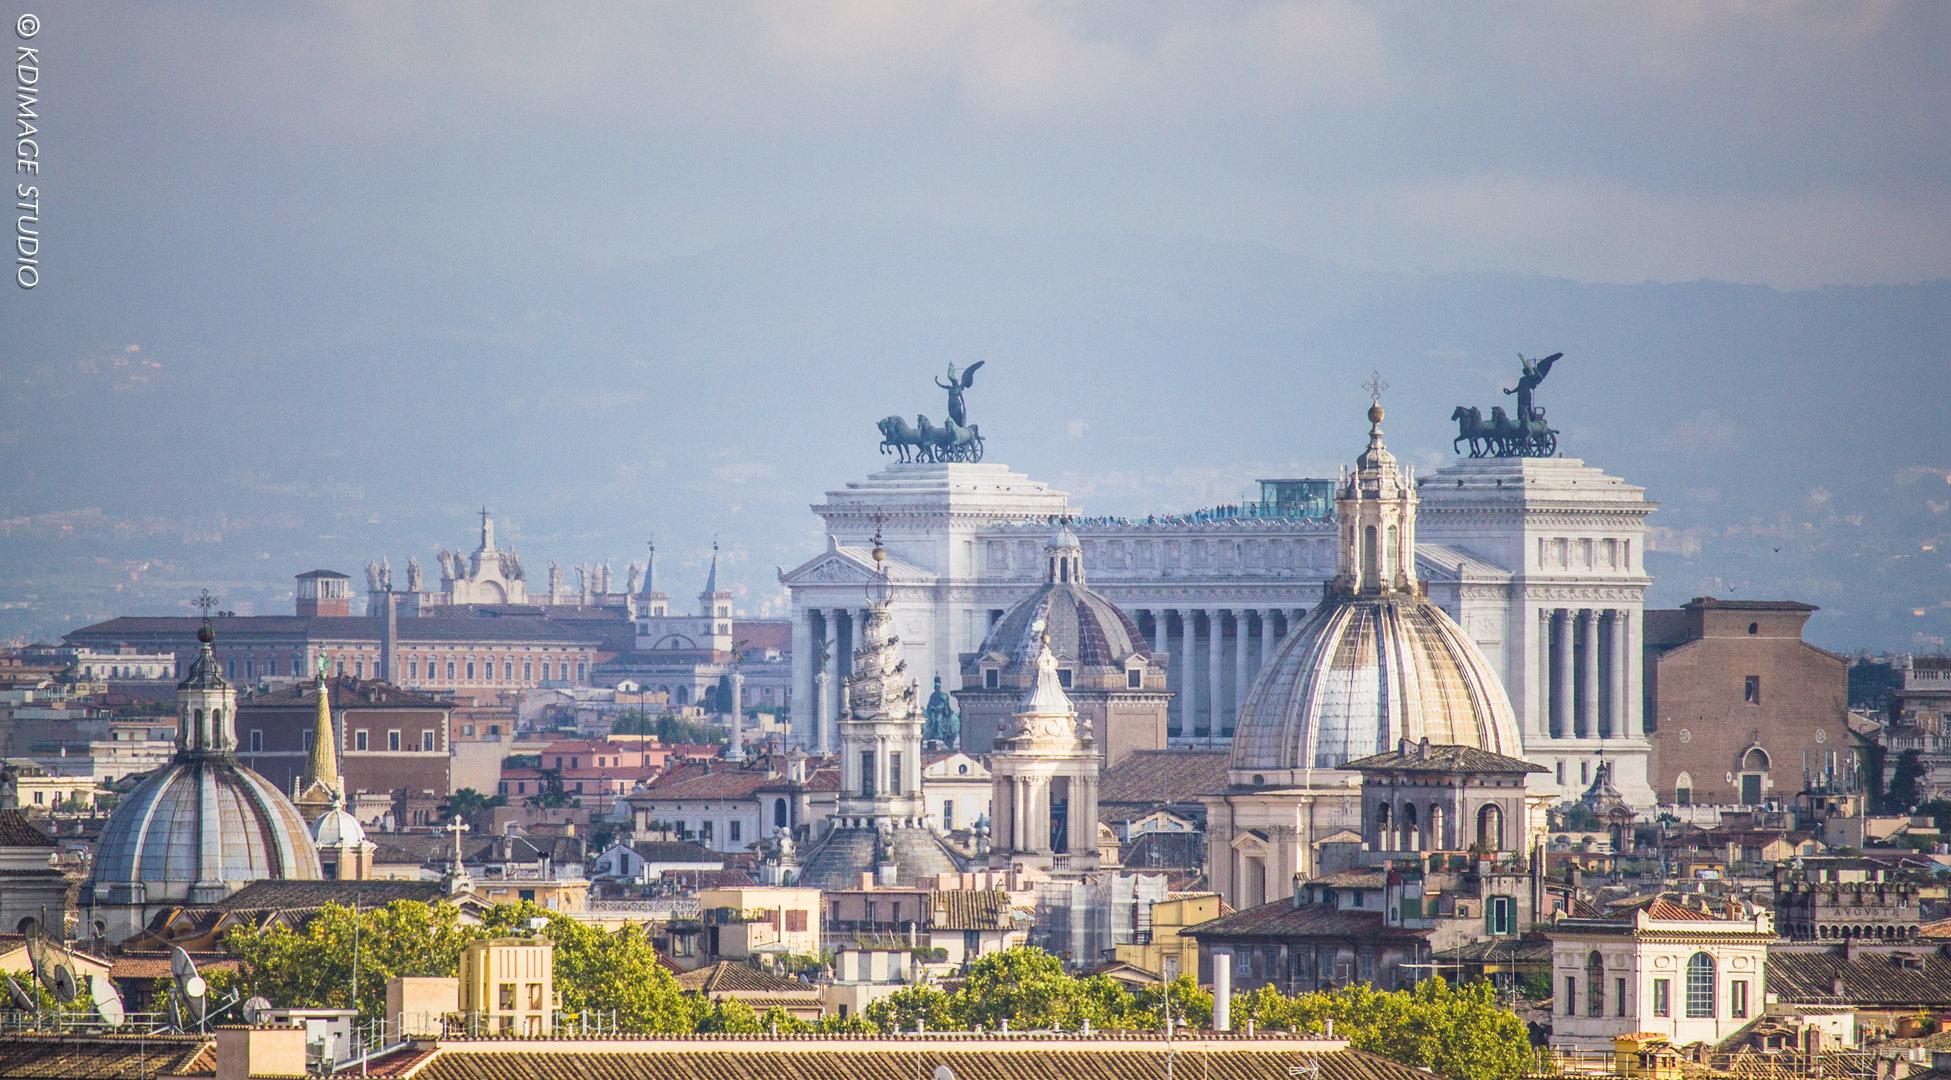 行摄欧洲:这5种建筑风格摄影爱好者们一定要打卡